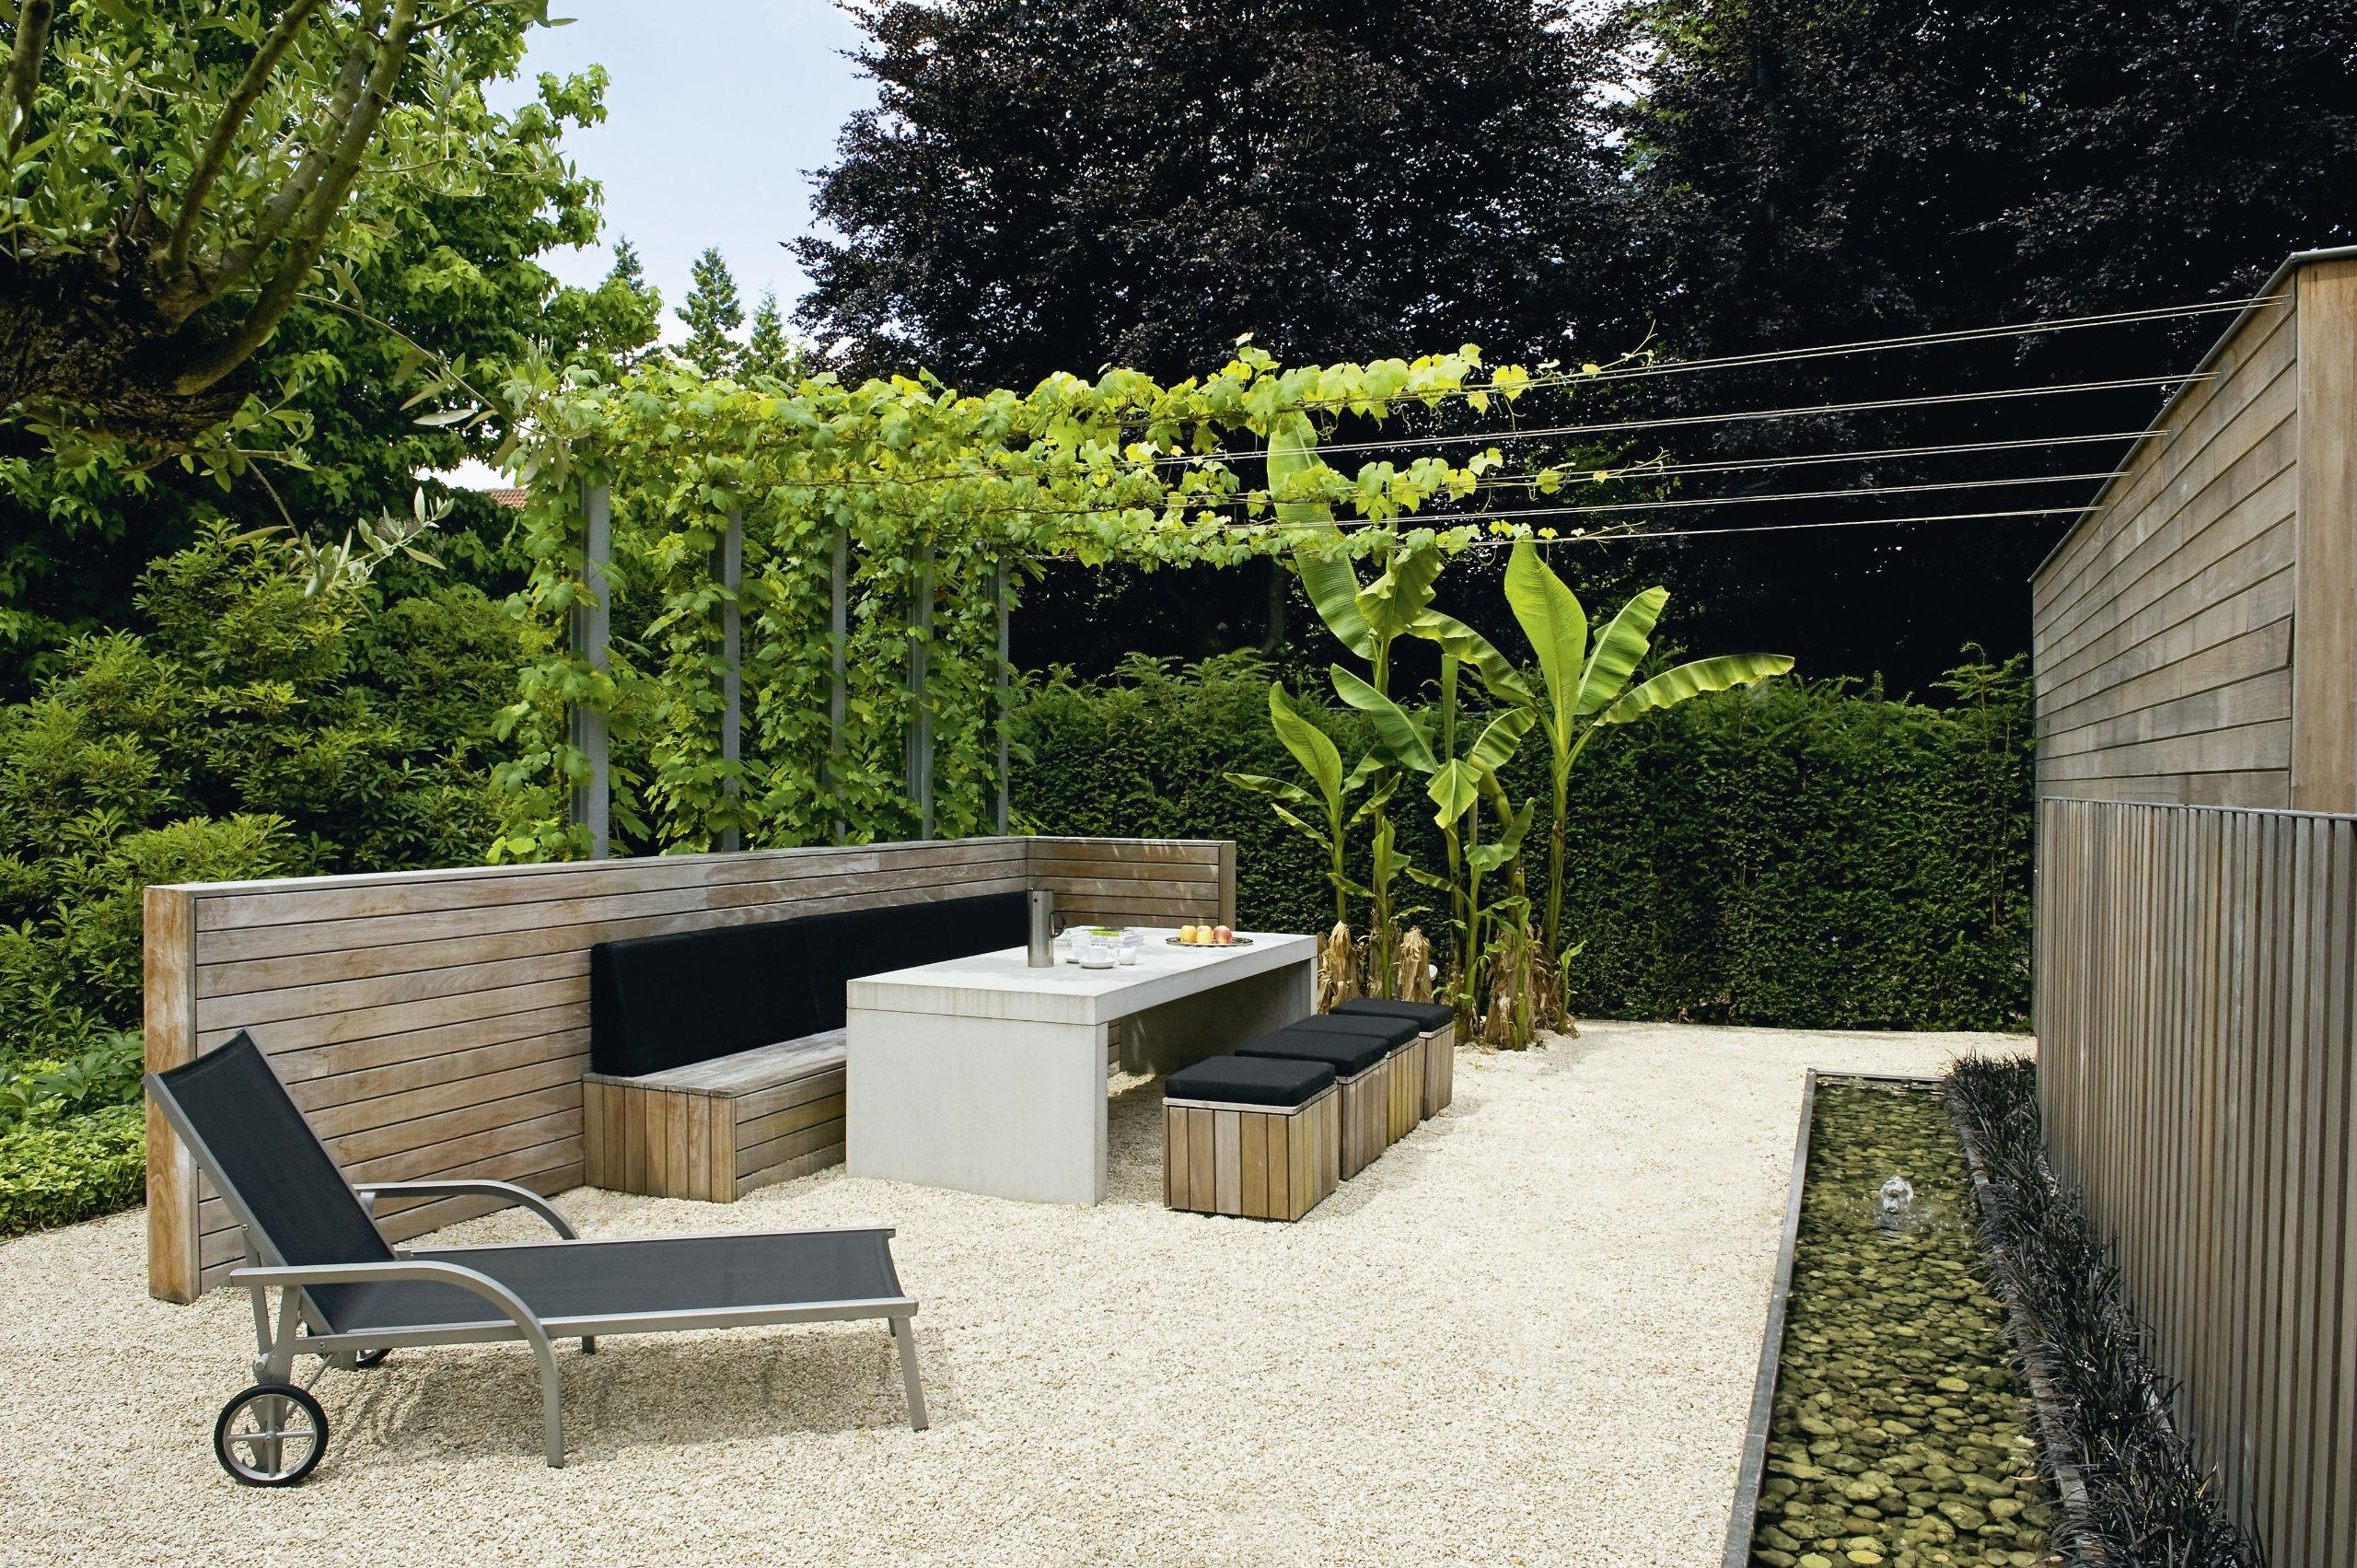 Schön Kleinen Garten Gestalten Schema